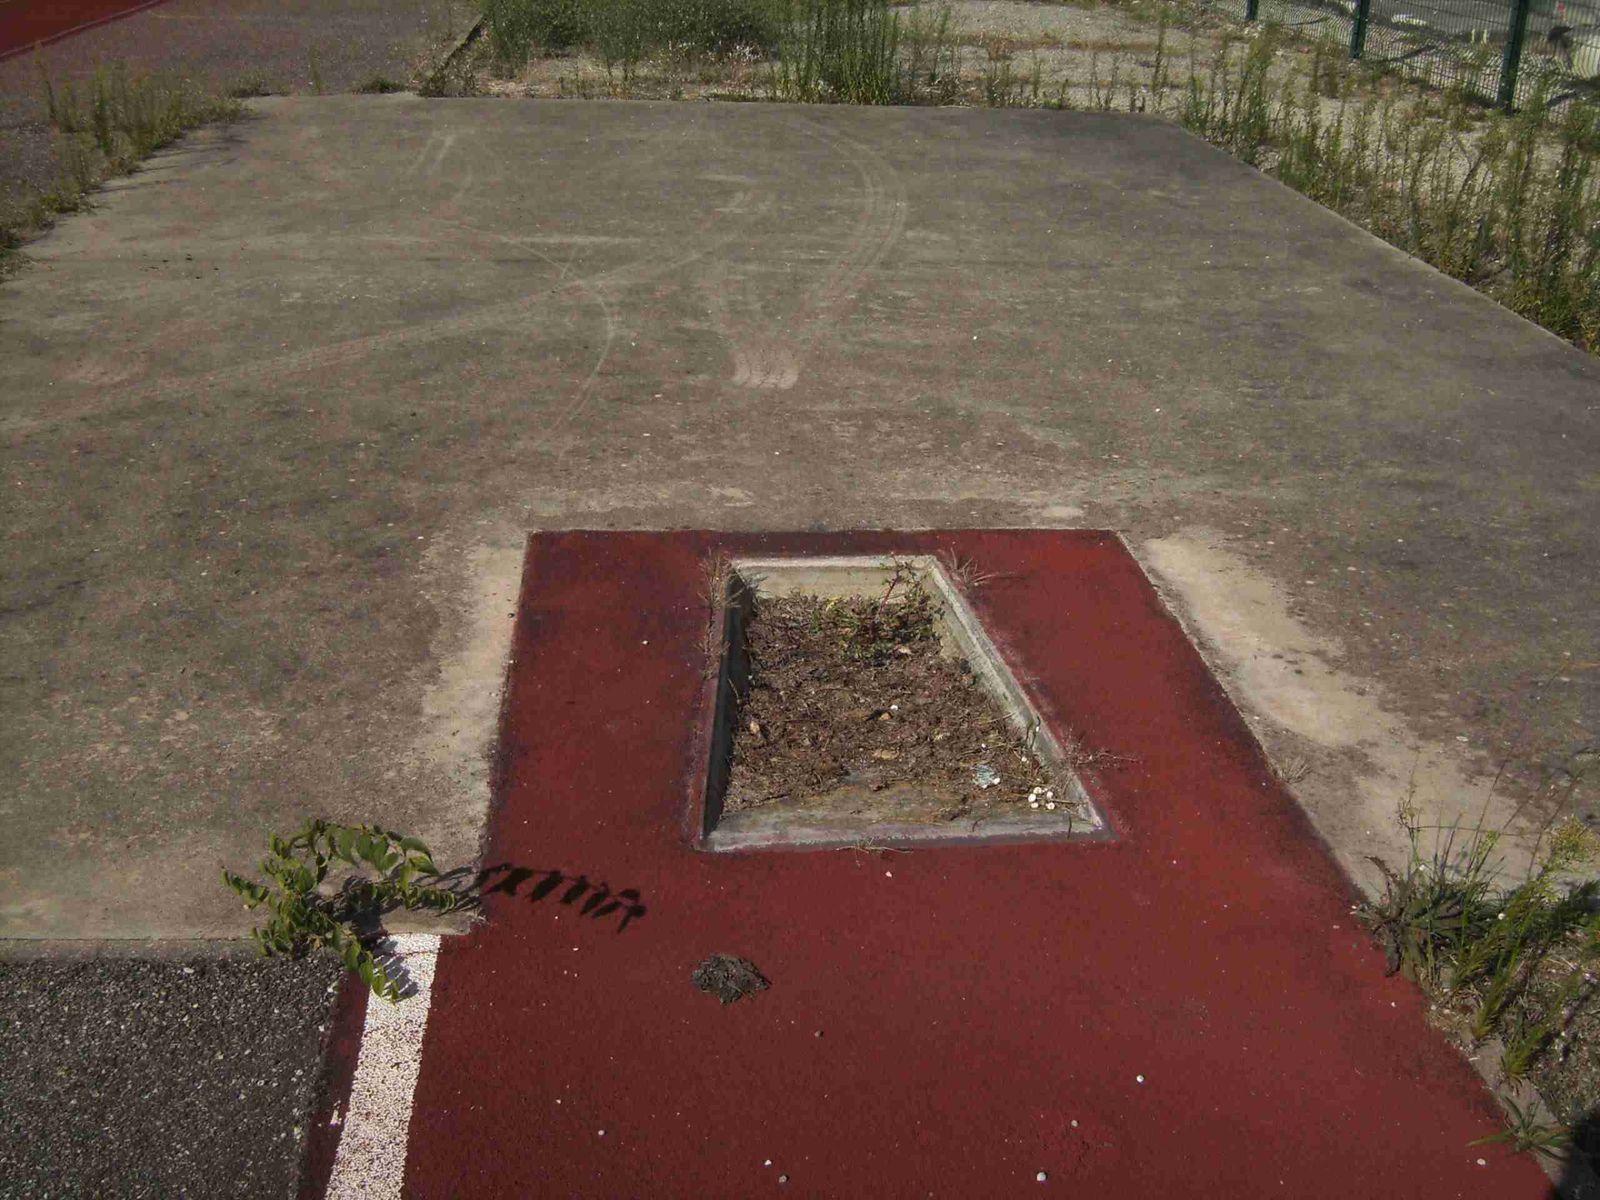 Les équipements d'athlétisme du stade Costa sont-ils encore utilisables?